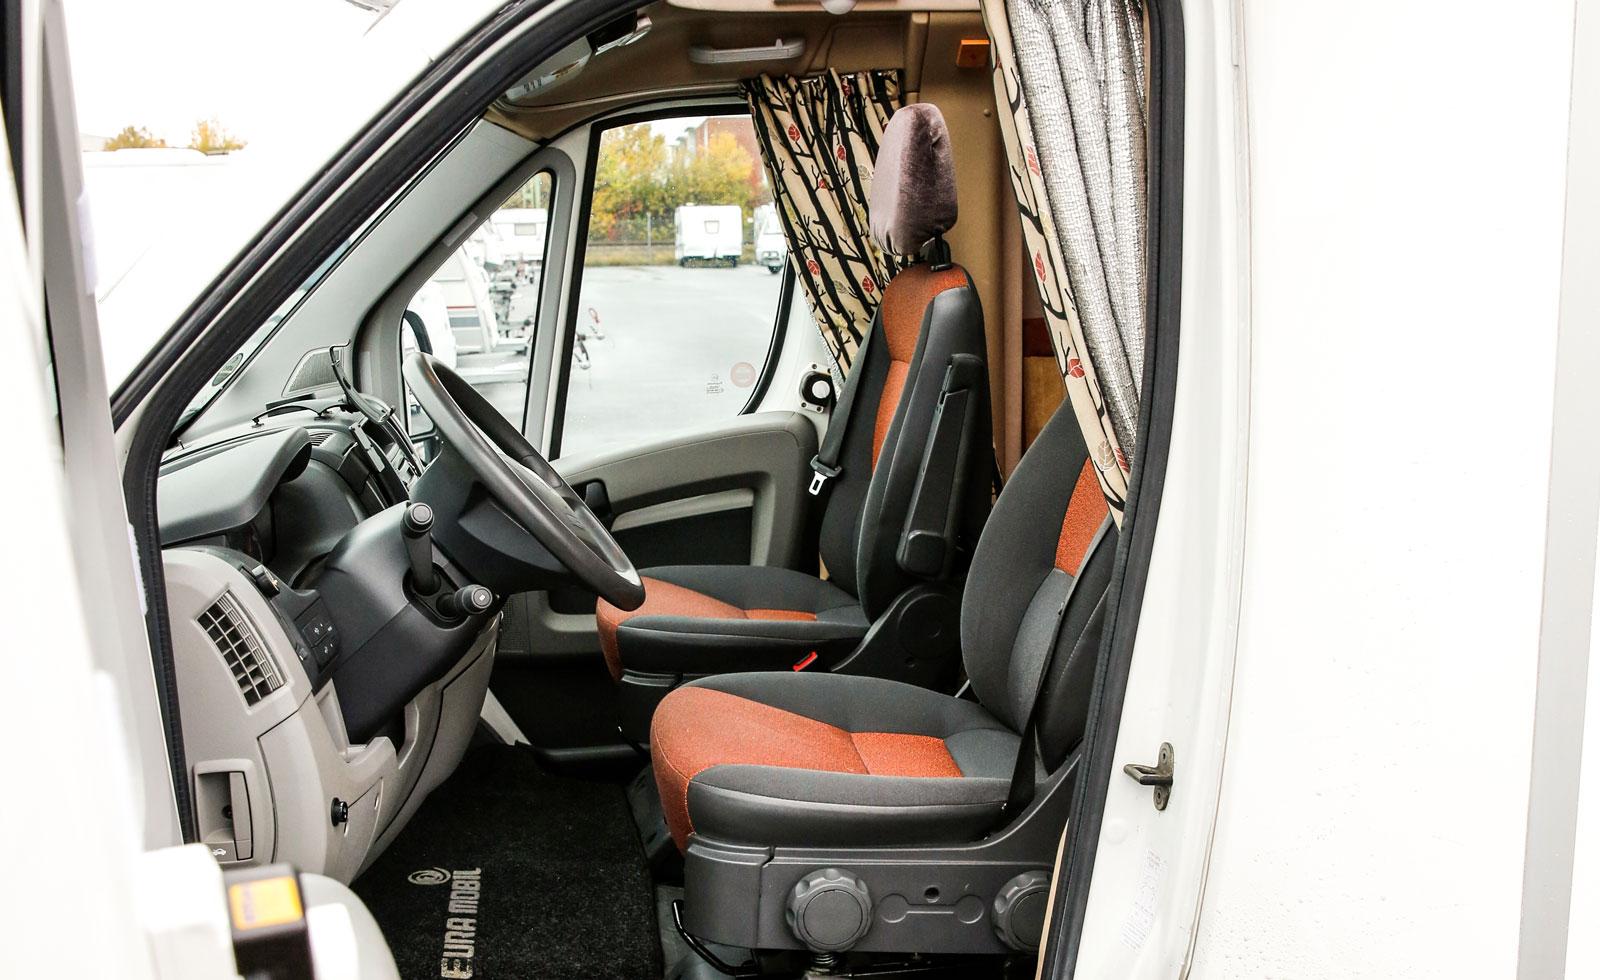 Dörrarna öppnar generöst och är enkla att manövrera. Det låga fotsteget gör det enkelt att kliva i och ur bilen.